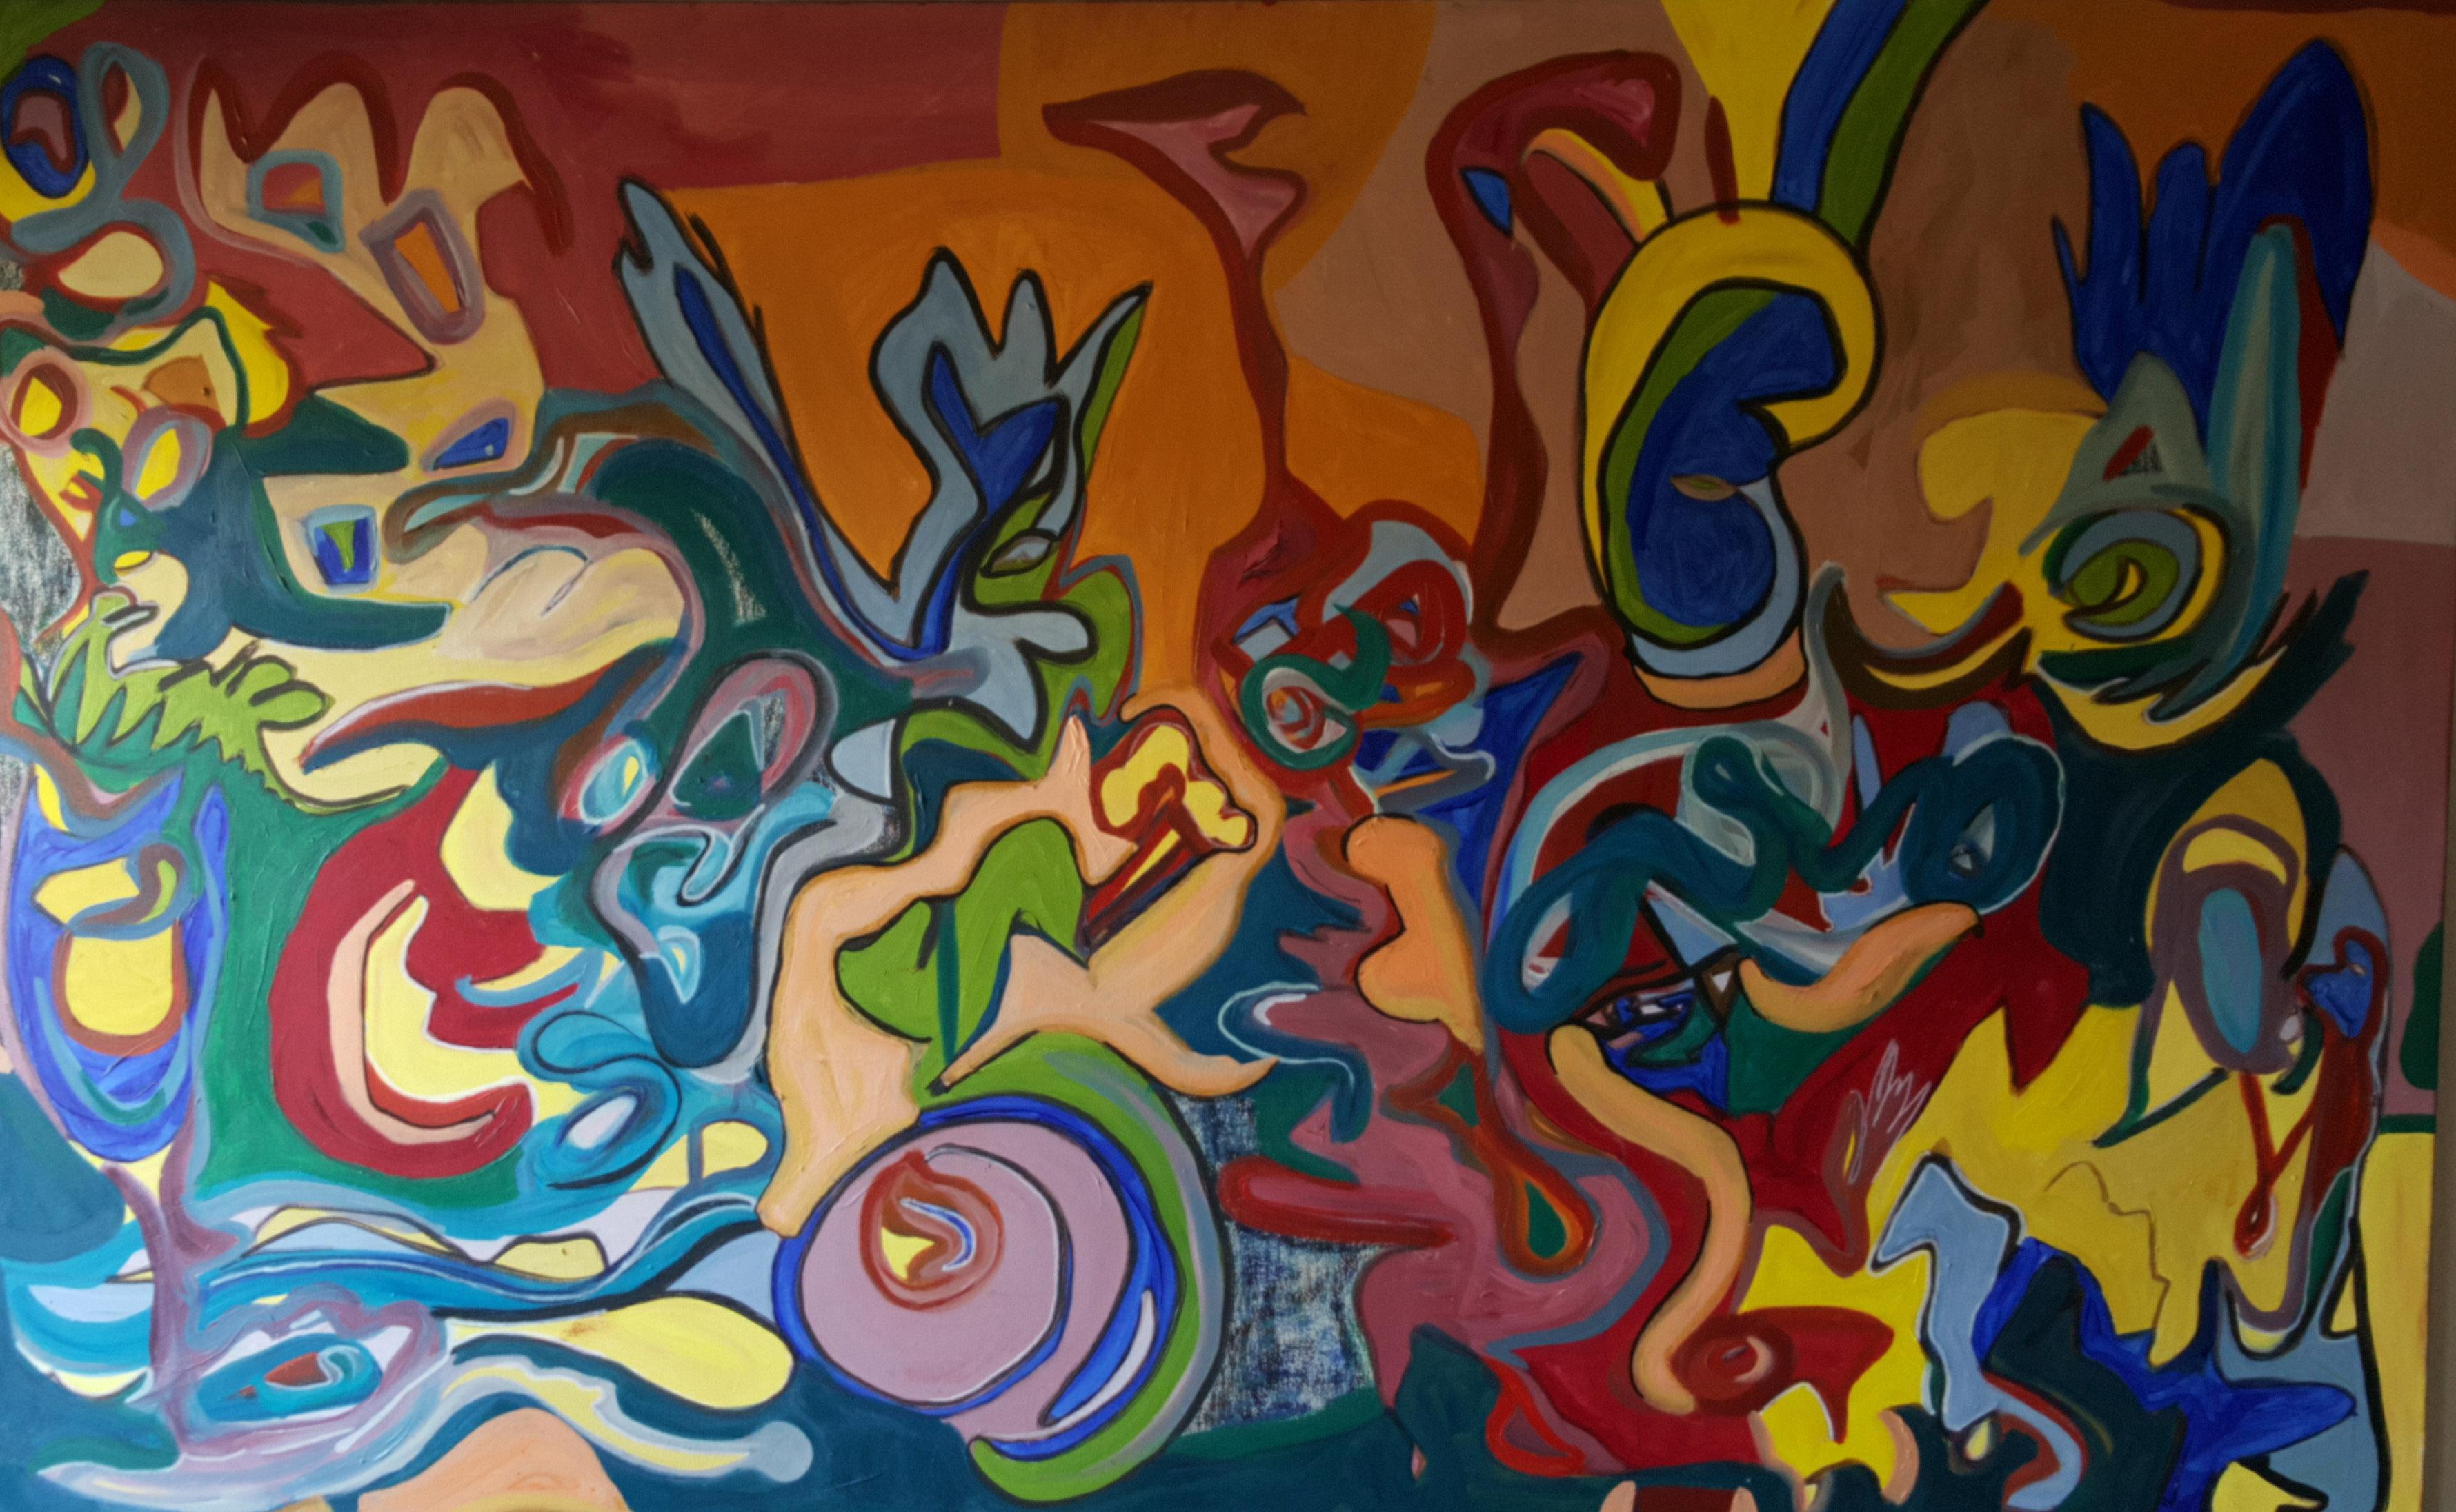 aaby-kunst.dkAbstrakte malerier Peter